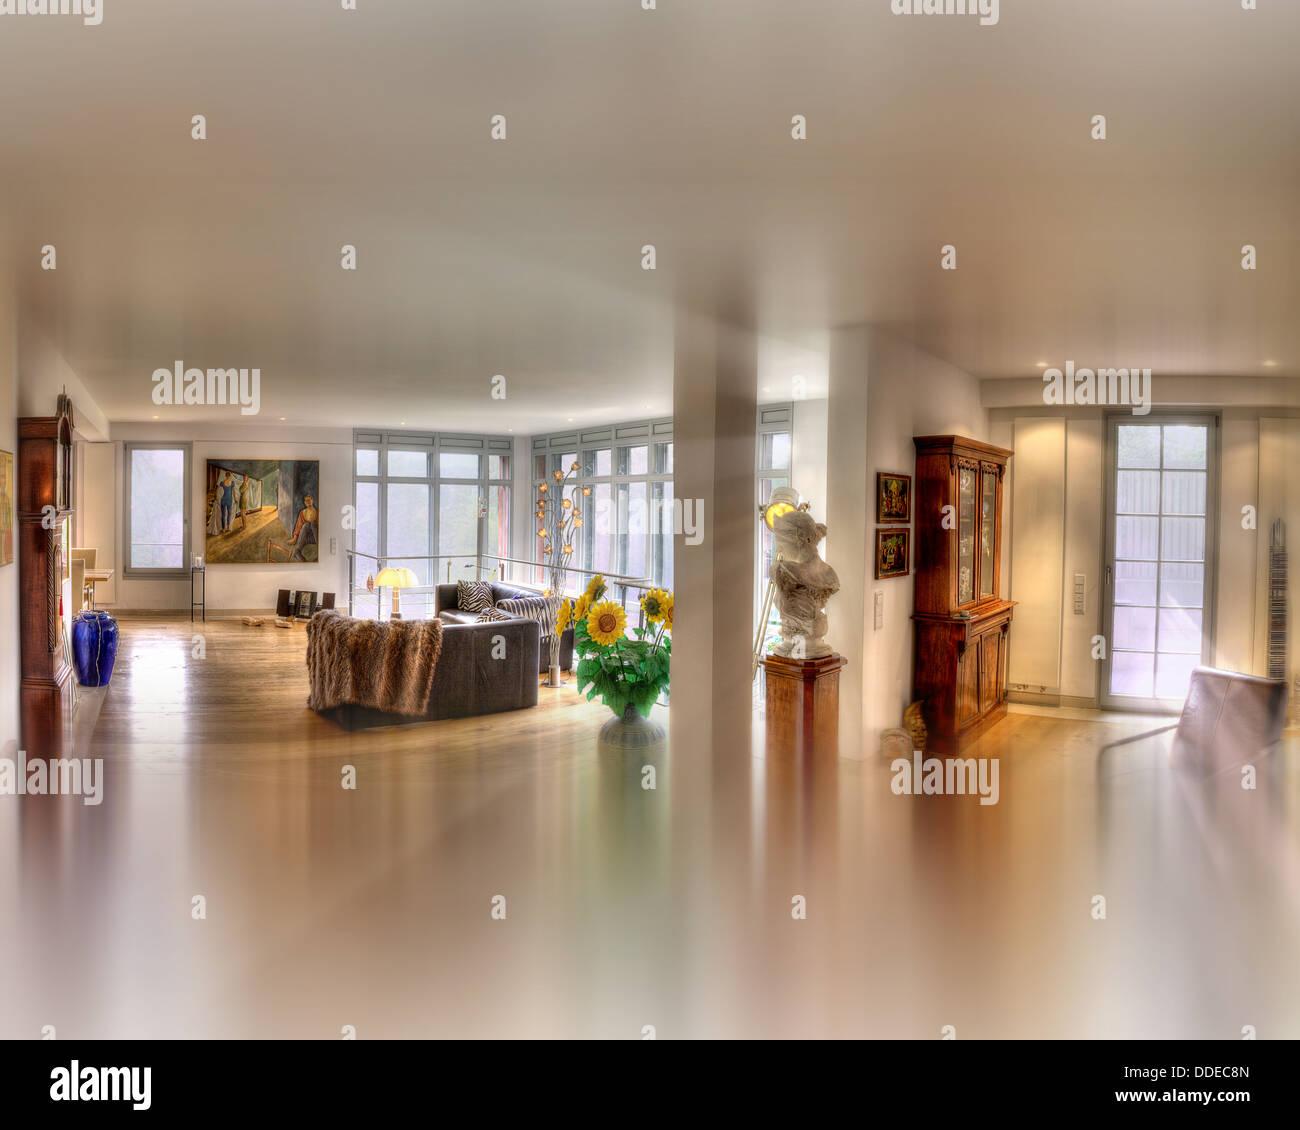 Architektur: Zeitgenössisch Wohnzimmer (HDR-Bild) Stockbild